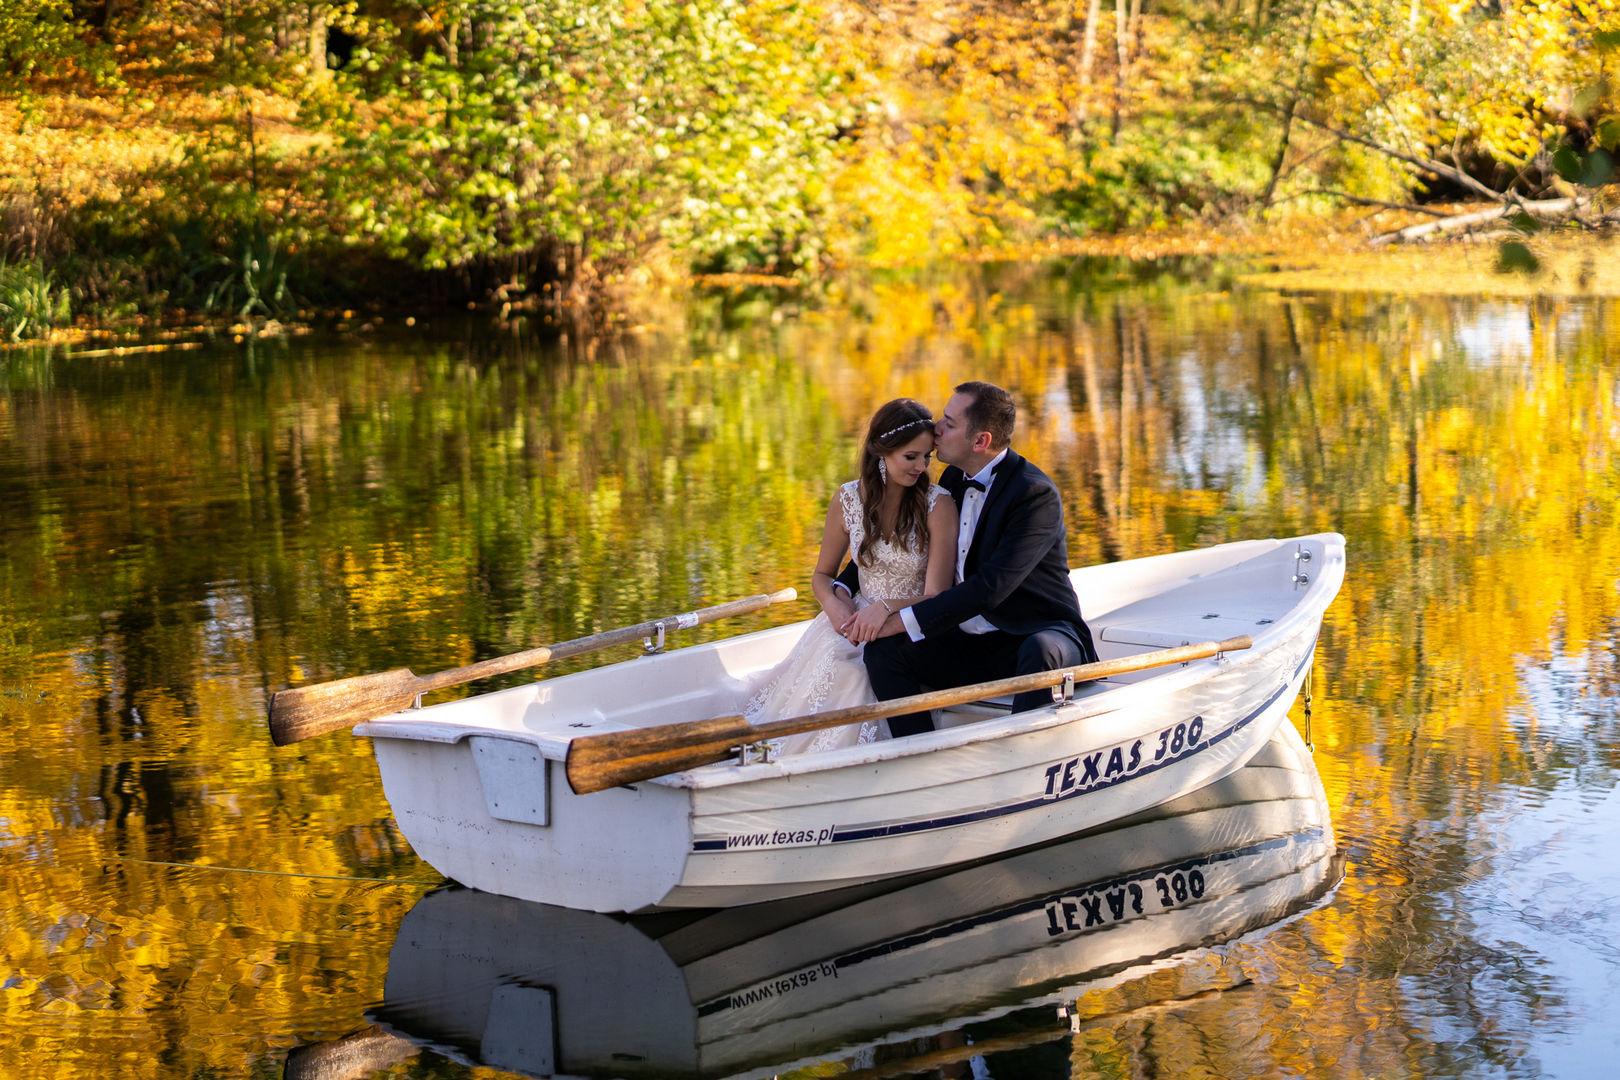 Jesienna sesja ślubna na łódce